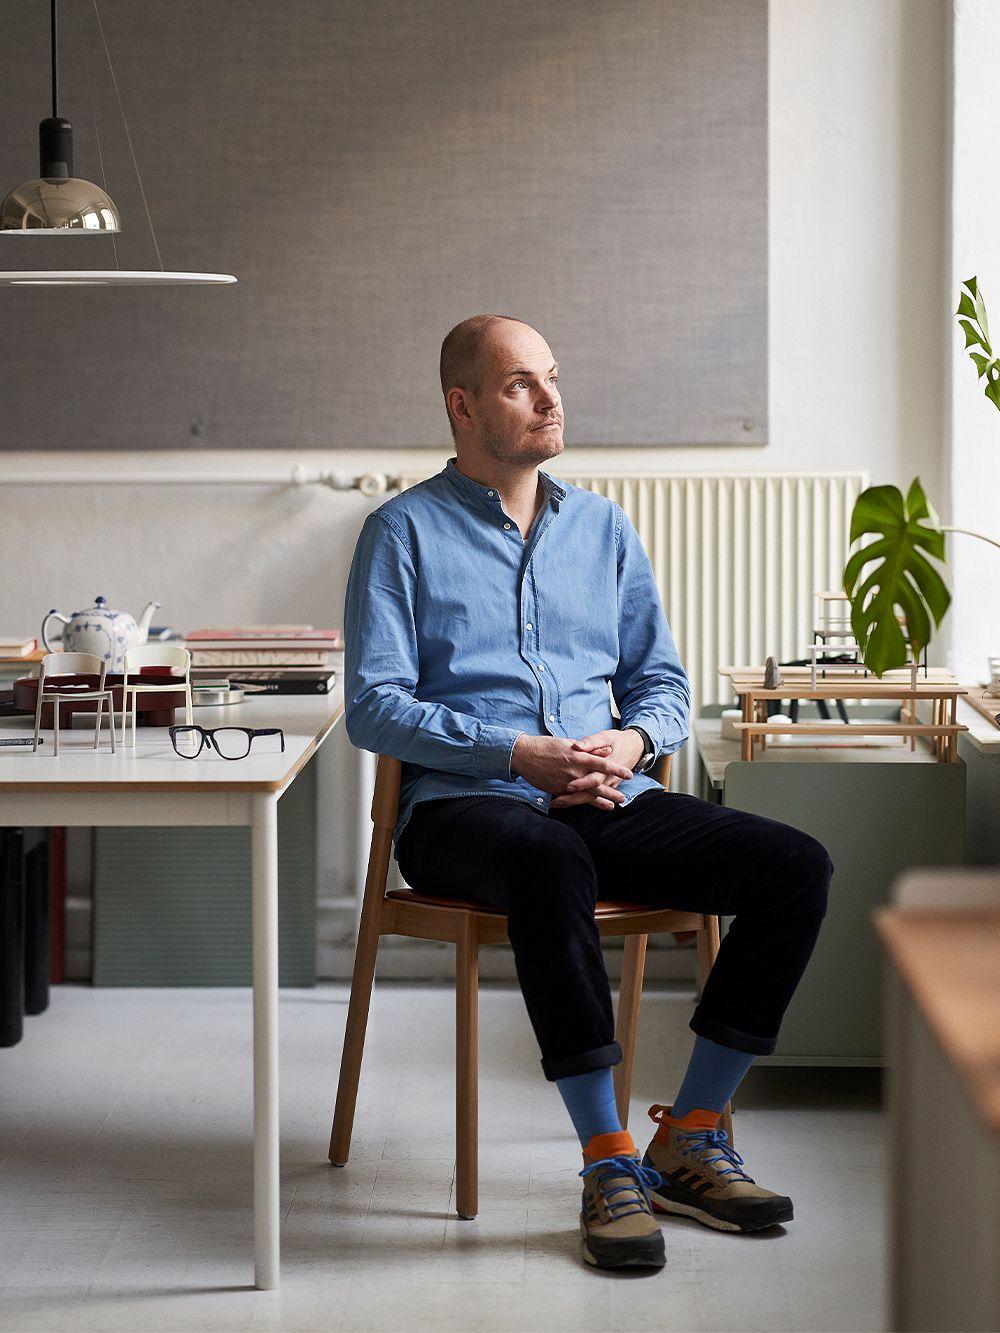 Designer Thomas Bentzen